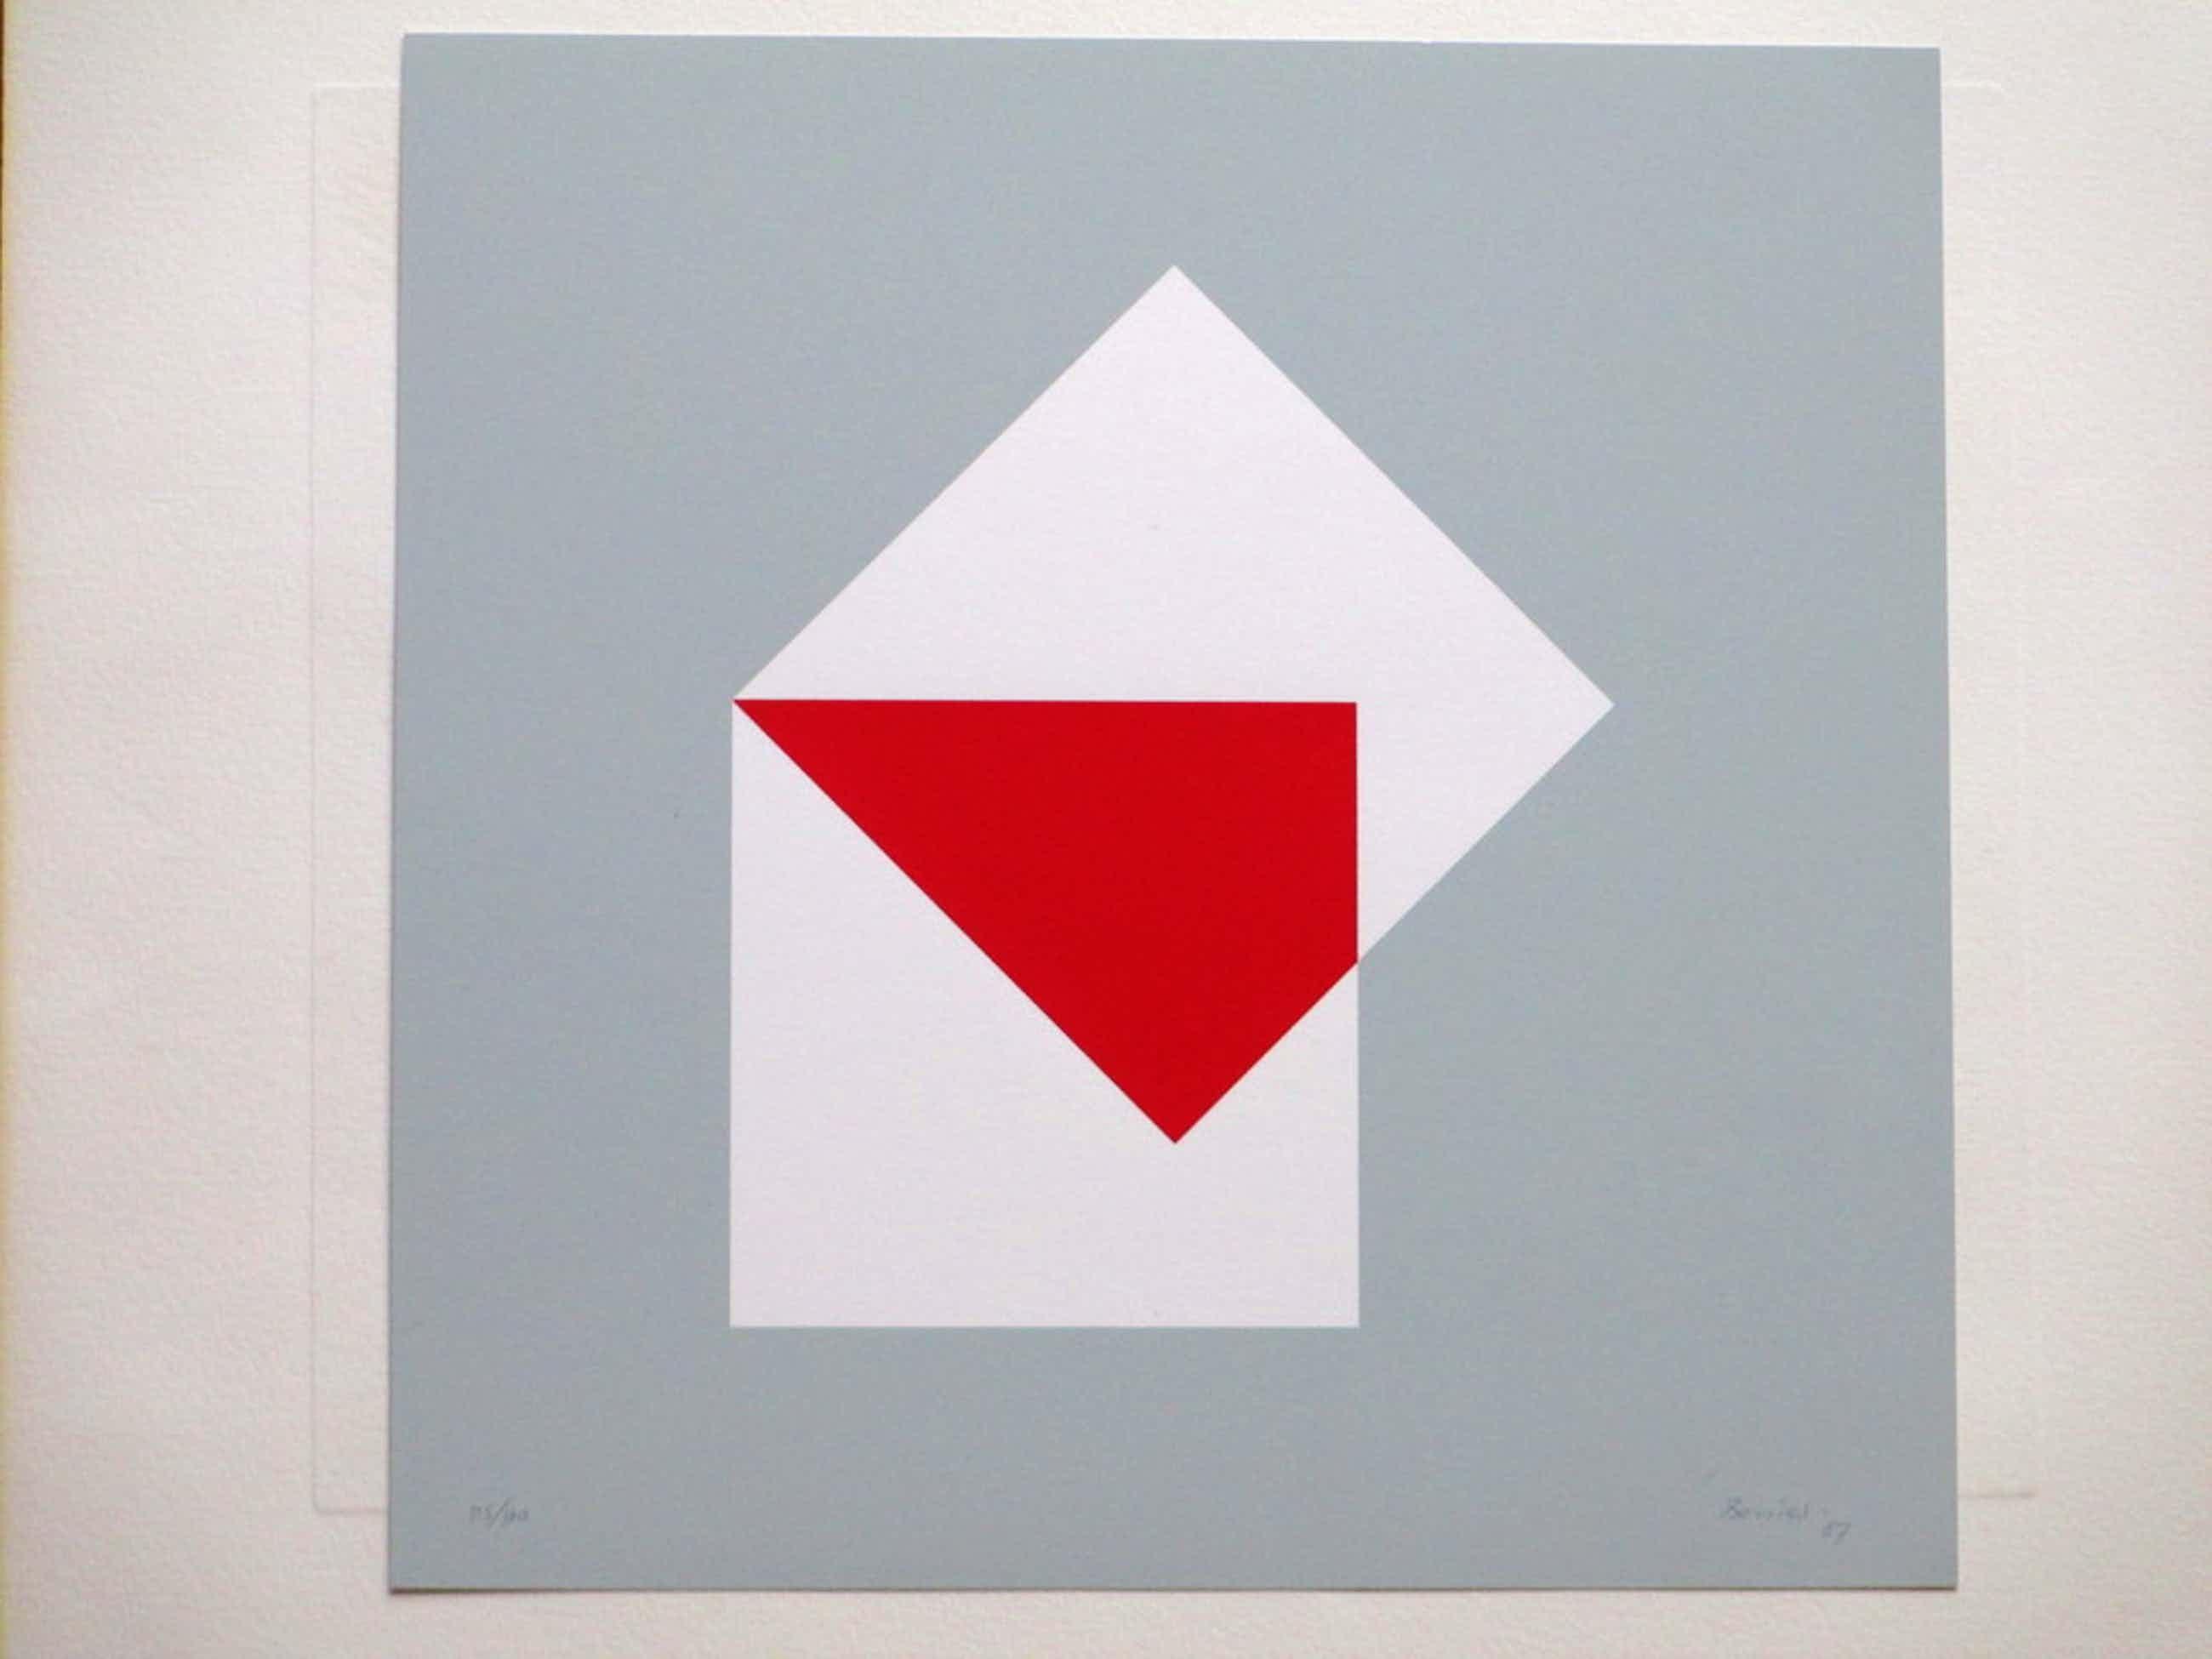 Bob Bonies, Geometrische Compositie in rood/wit, Zeefdruk kopen? Bied vanaf 50!